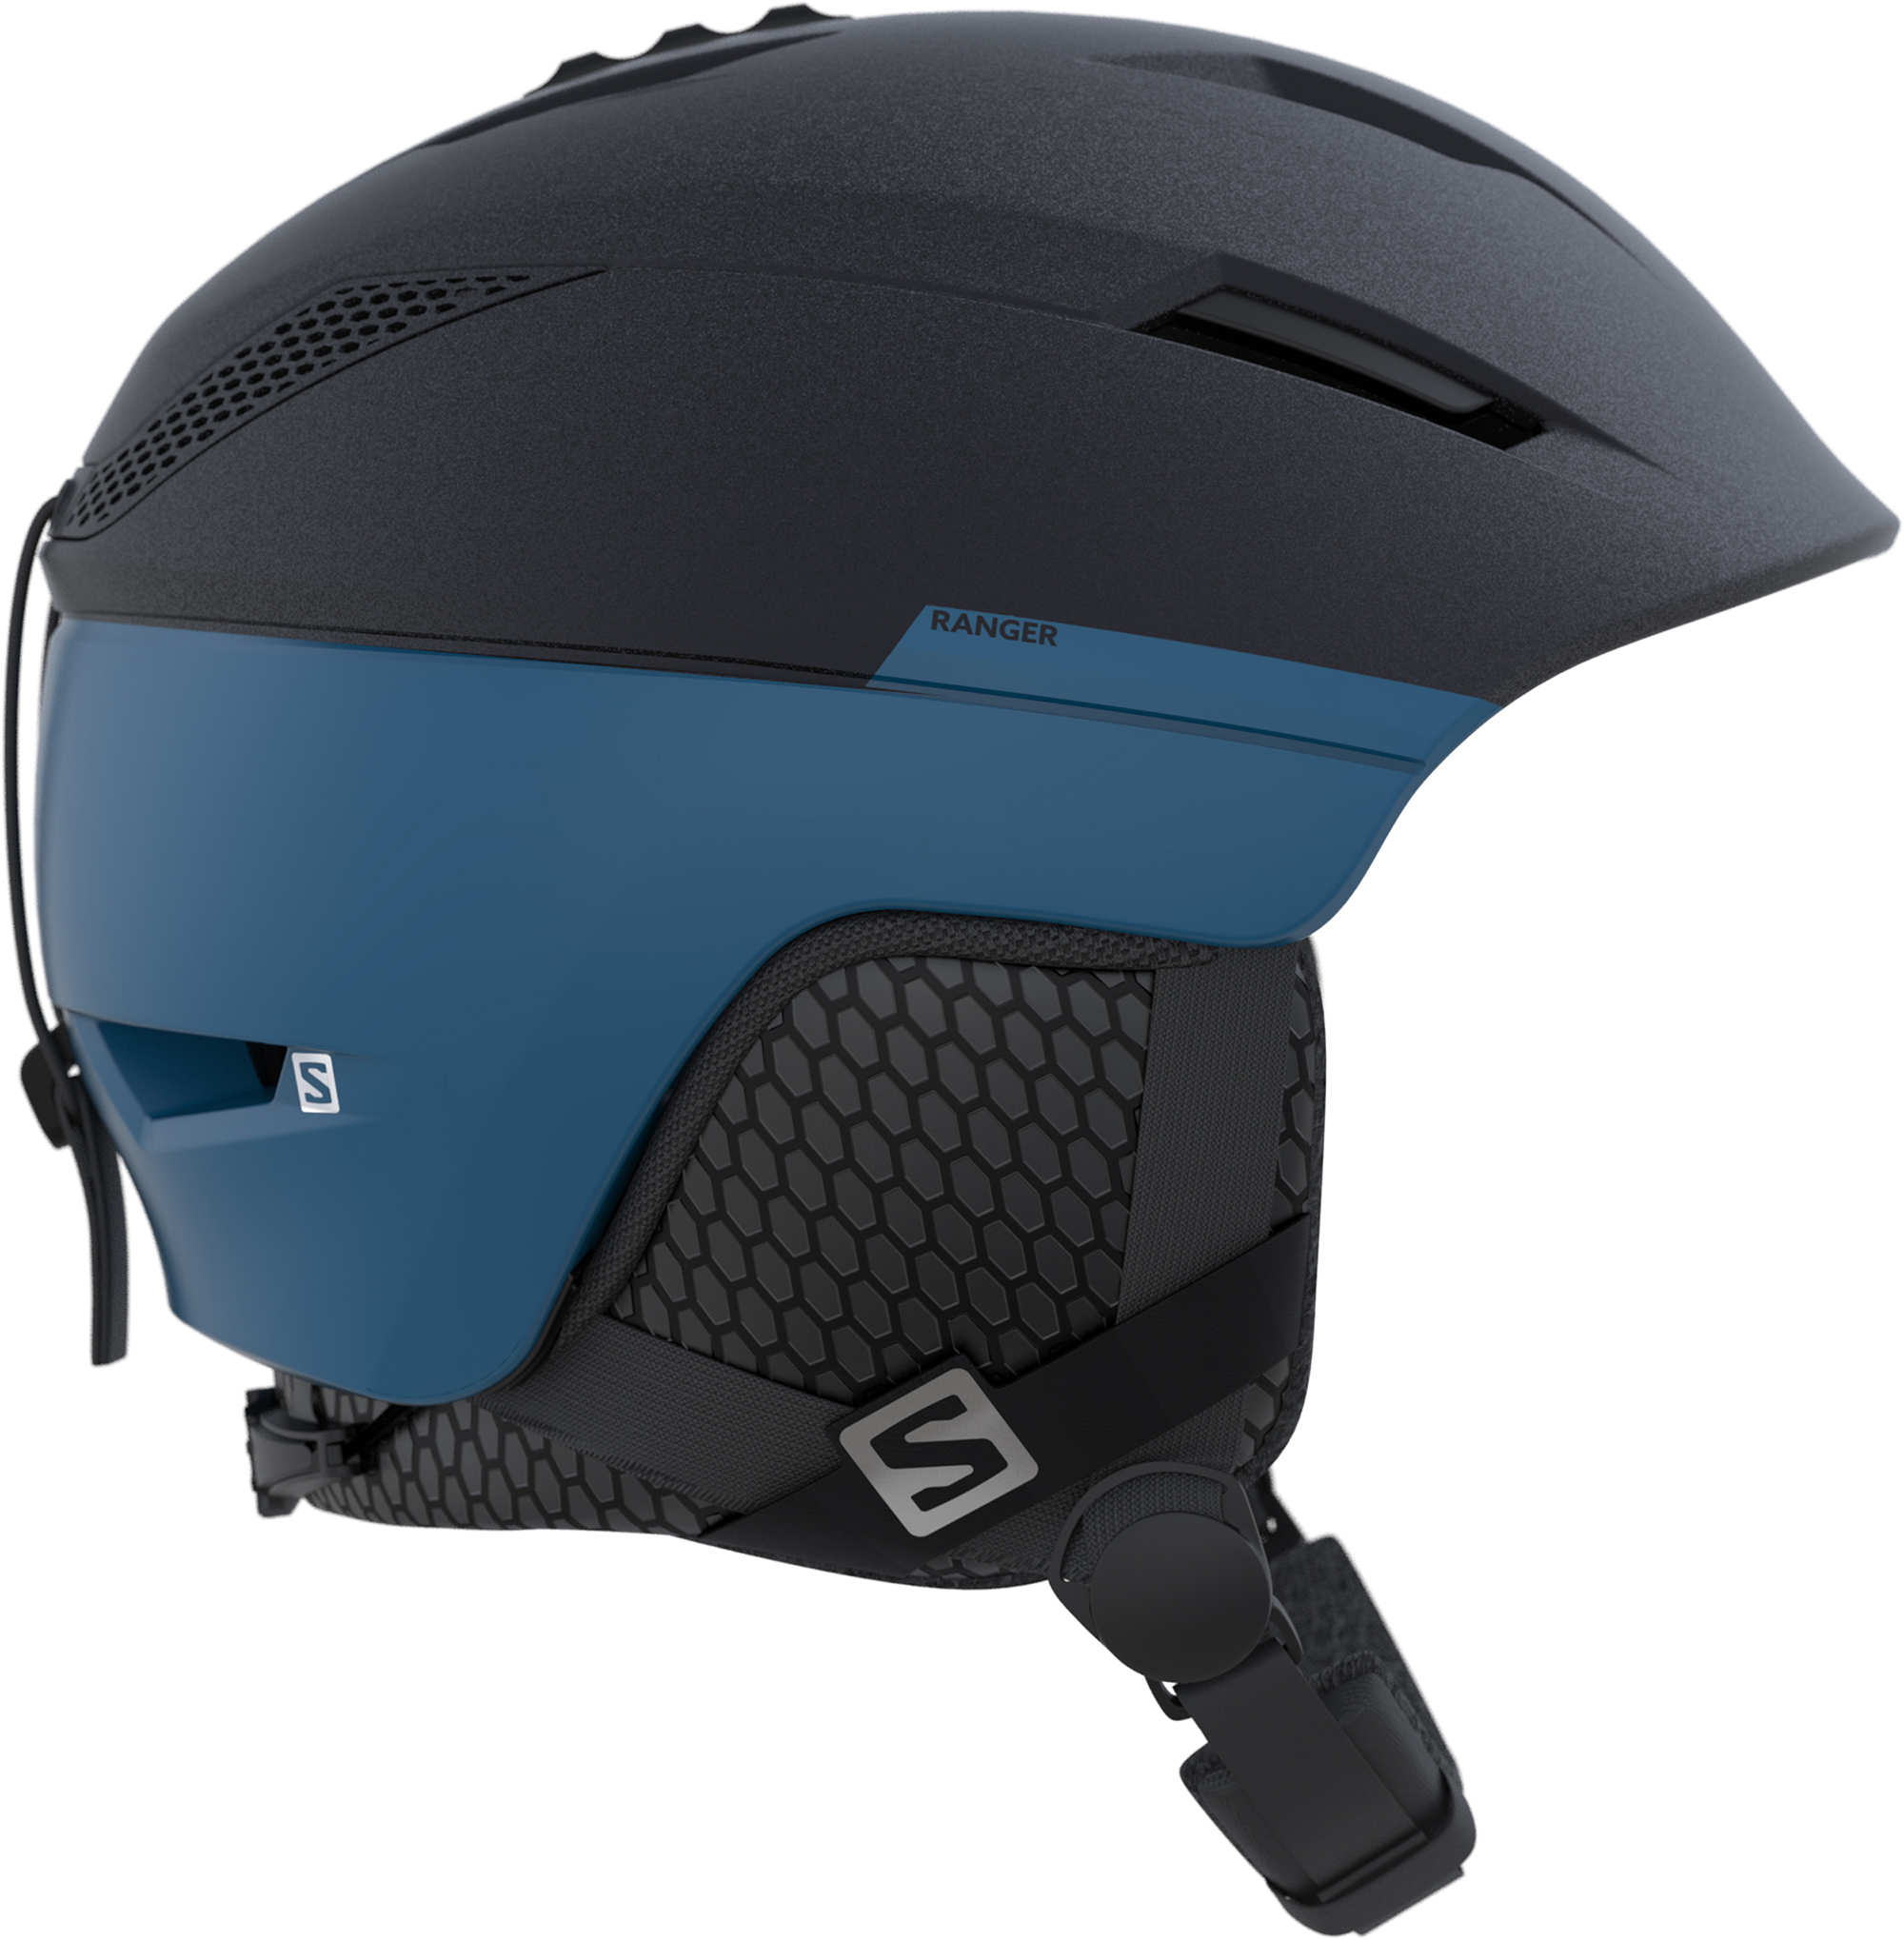 Salomon Шлем Ranger2